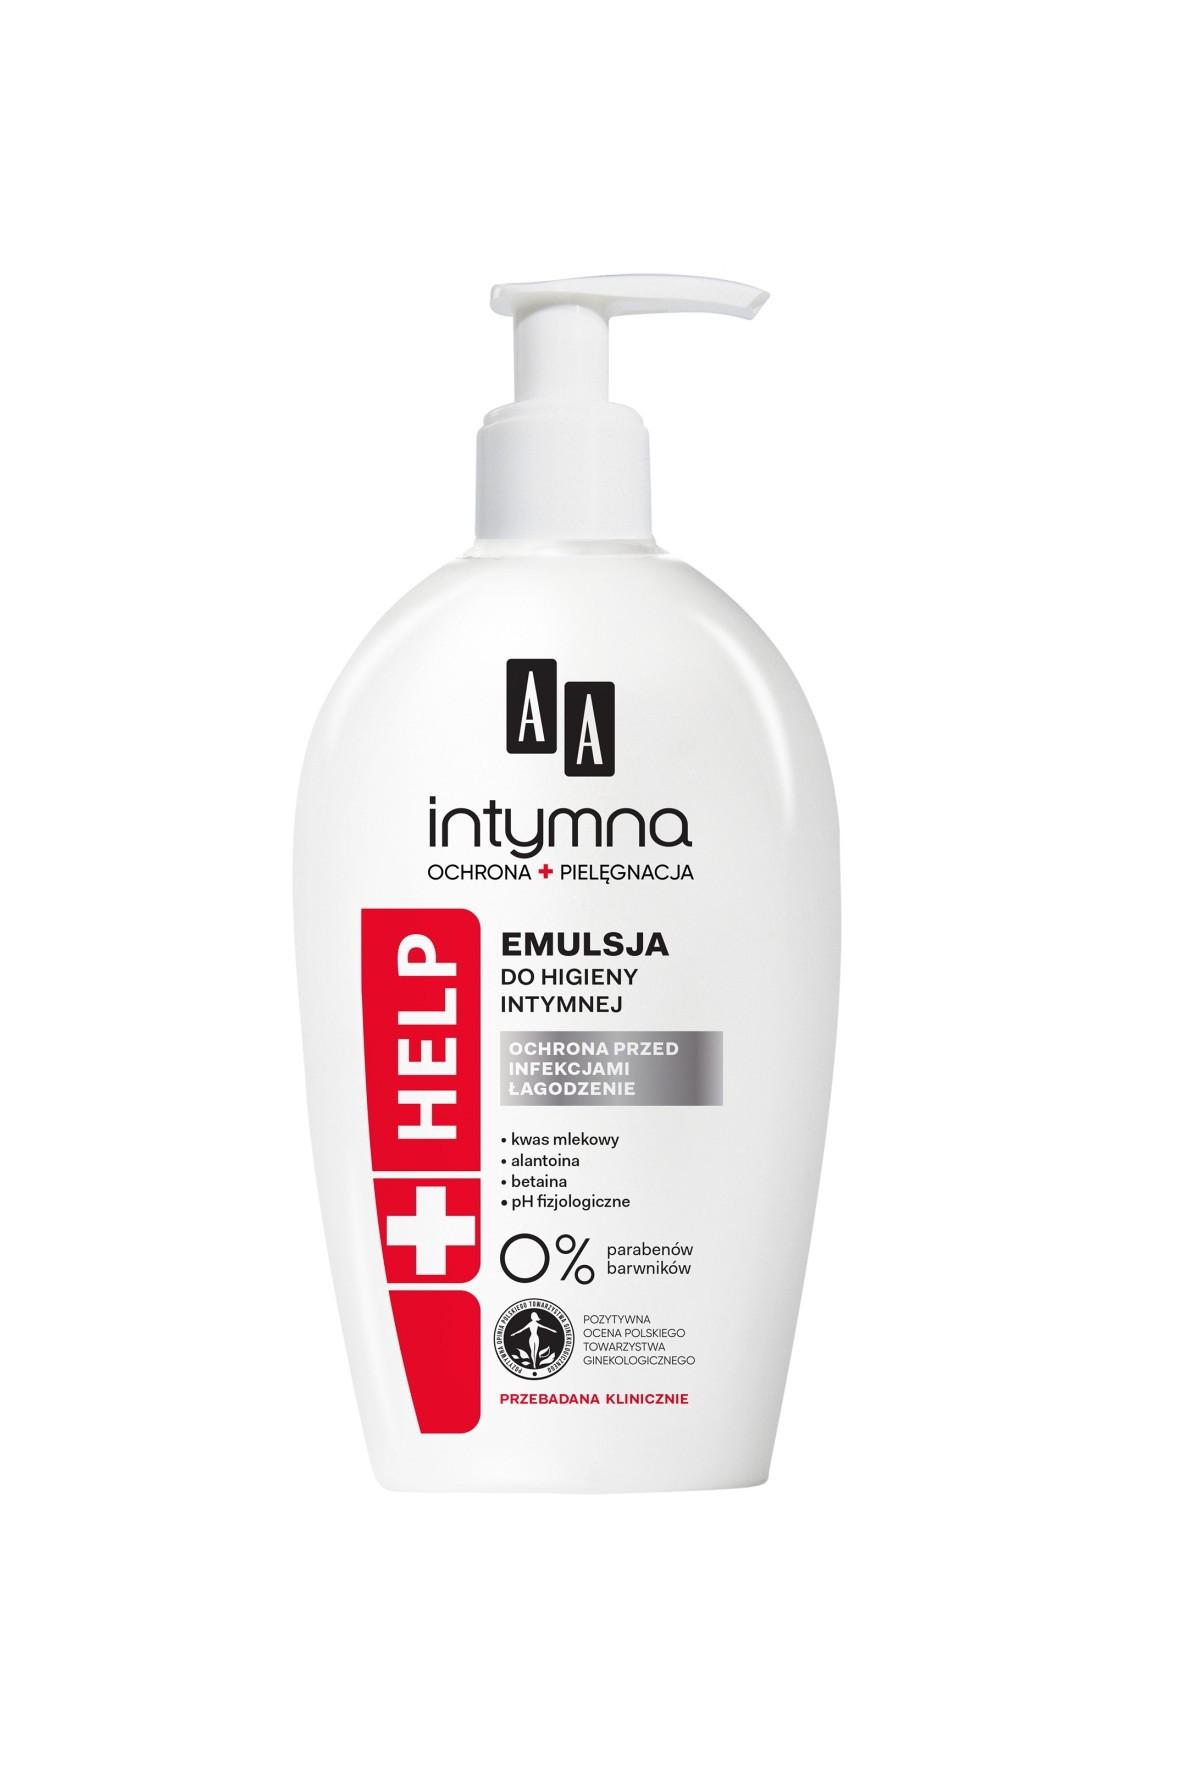 AA Intymna Ochrona&Pielęgnacja emulsja do higieny intymnej Help 300 ml